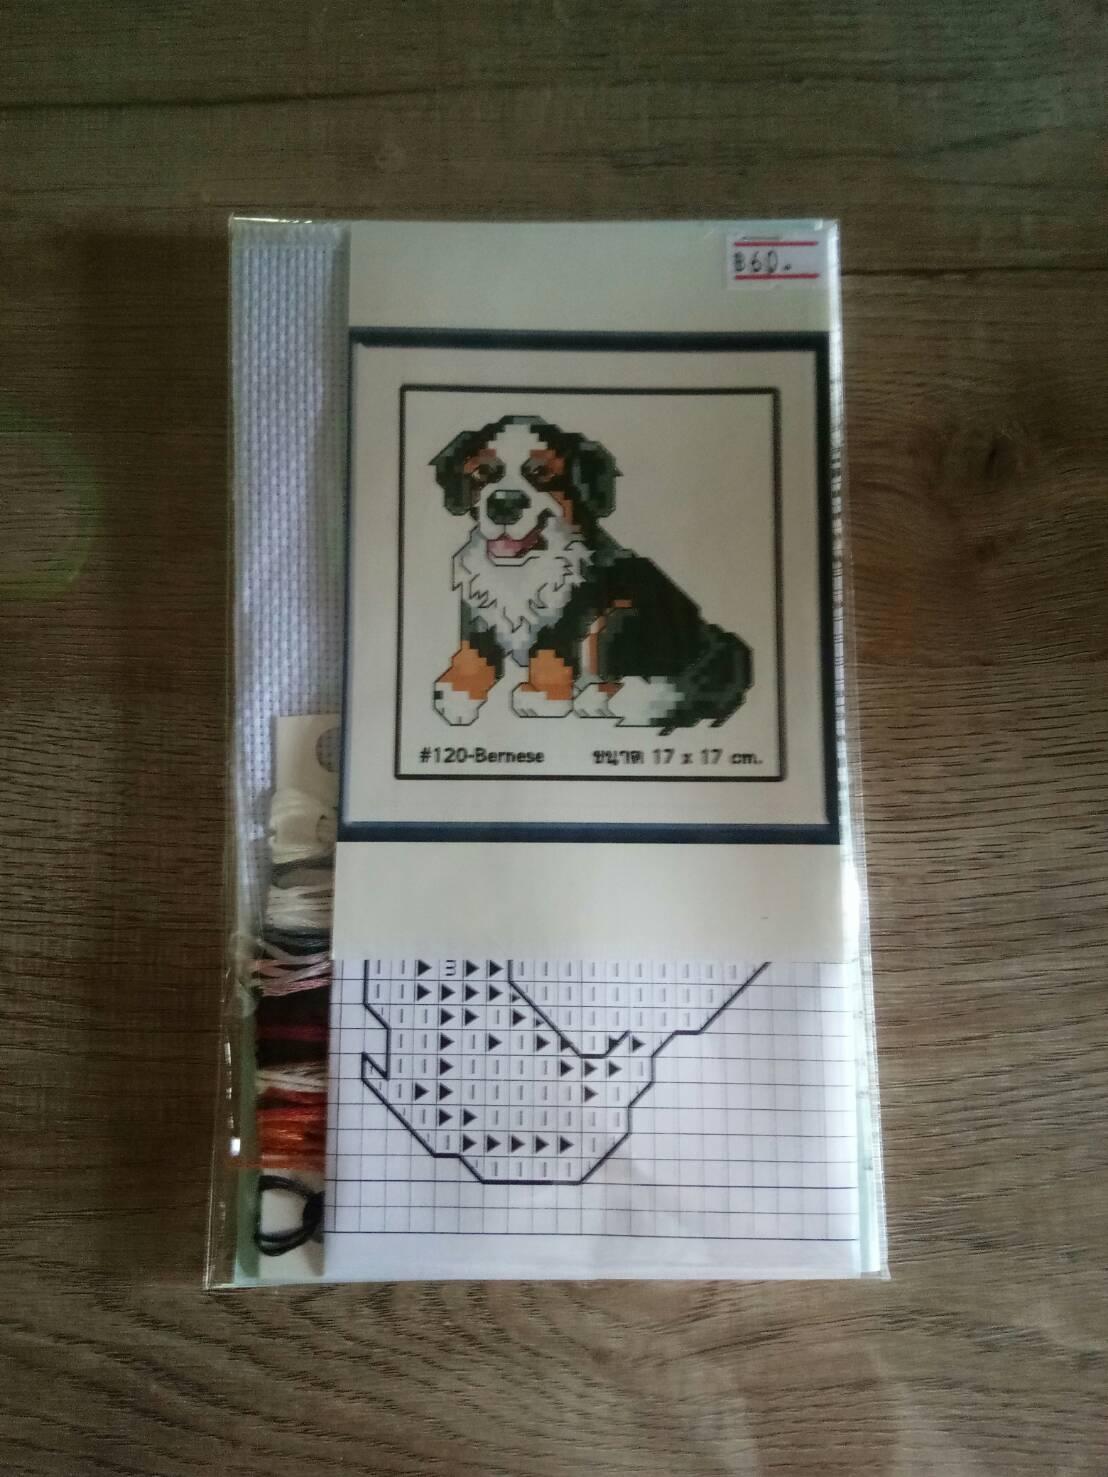 ชุดปักครอสติช ลายดอกสุนัข ขนาด 17*17 ซม.ผ้าครอสติช 14 CT ไม่พิมพ์ลายปัก ไหมคอตตอน สี+ผังลาย+เข็ม (ส่งฟรี)